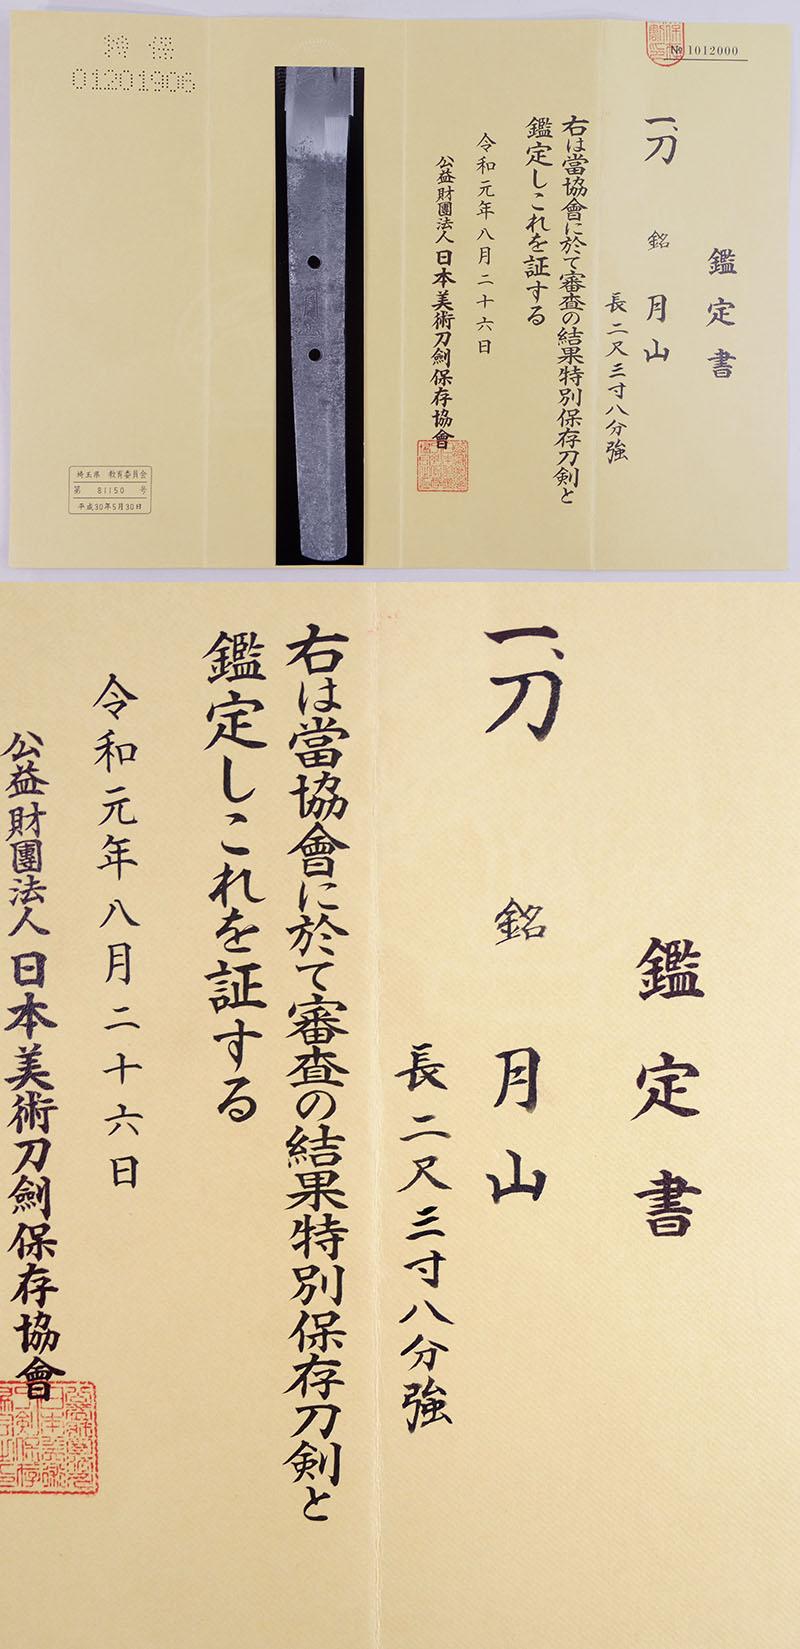 月山(古月山) Picture of Certificate